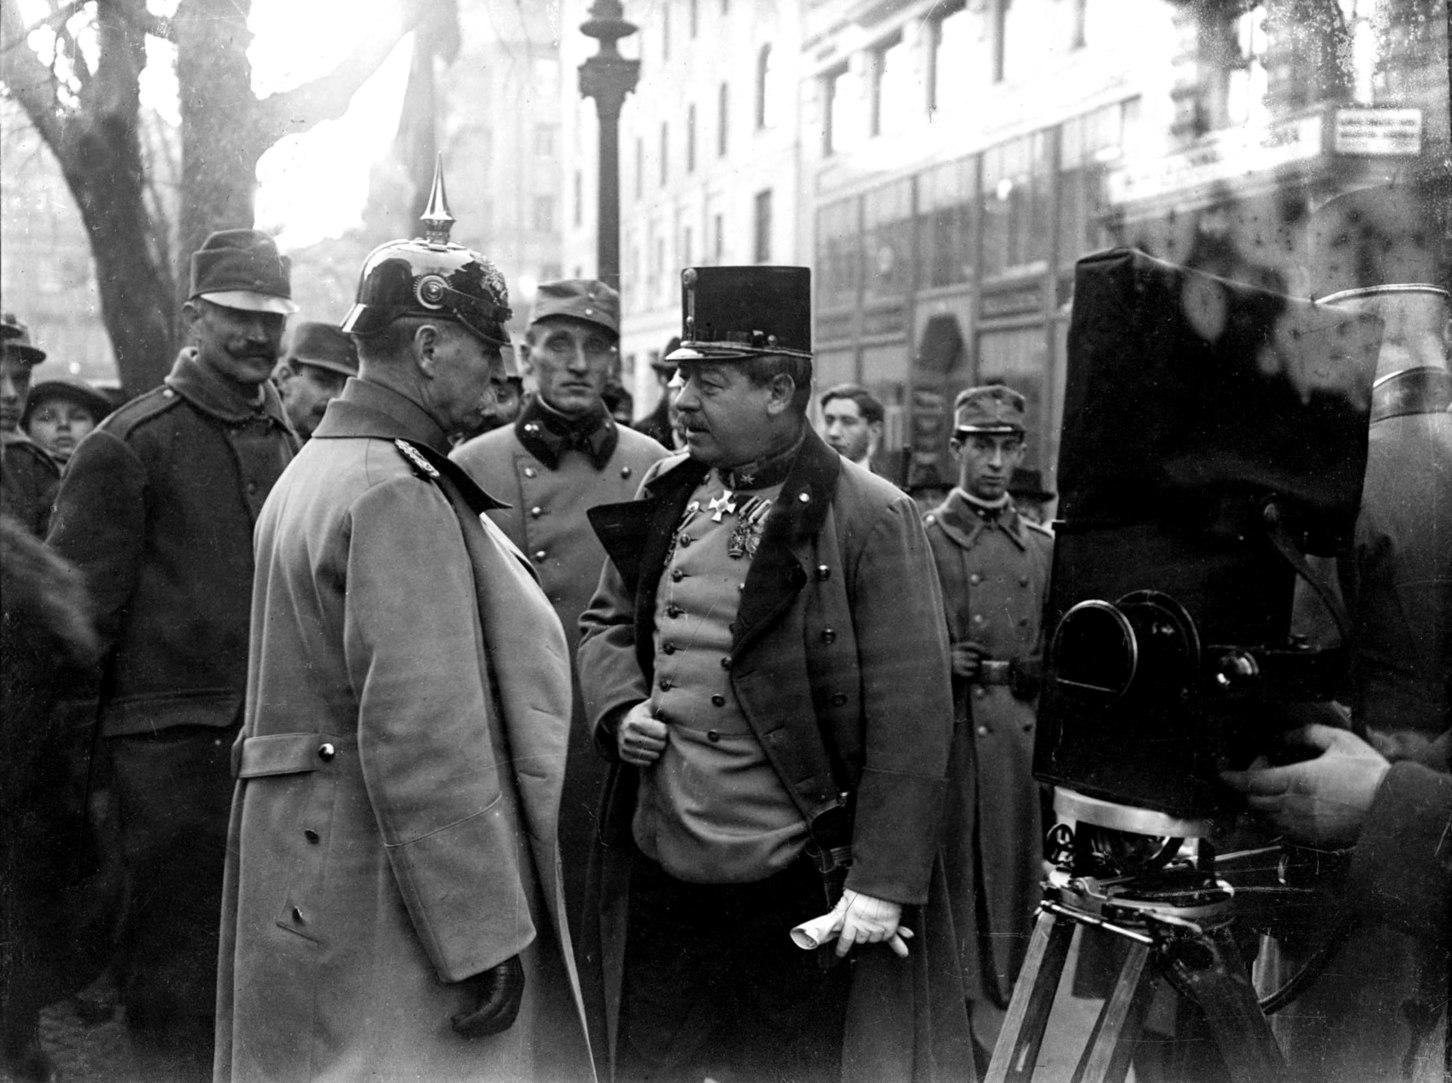 Bécs, 1917 Erich Friedrich Wilhelm Ludendorff (b), a német hadsereg főparancsnok-helyettese és Arz Artúr von Straussenburg (j), az Osztrák–Magyar Monarchia haderőinek vezérkari főnöke Bécsben azután, hogy mindkét hadvezetésben változás történt 1917 elején. MTI Fotó: Reprodukció